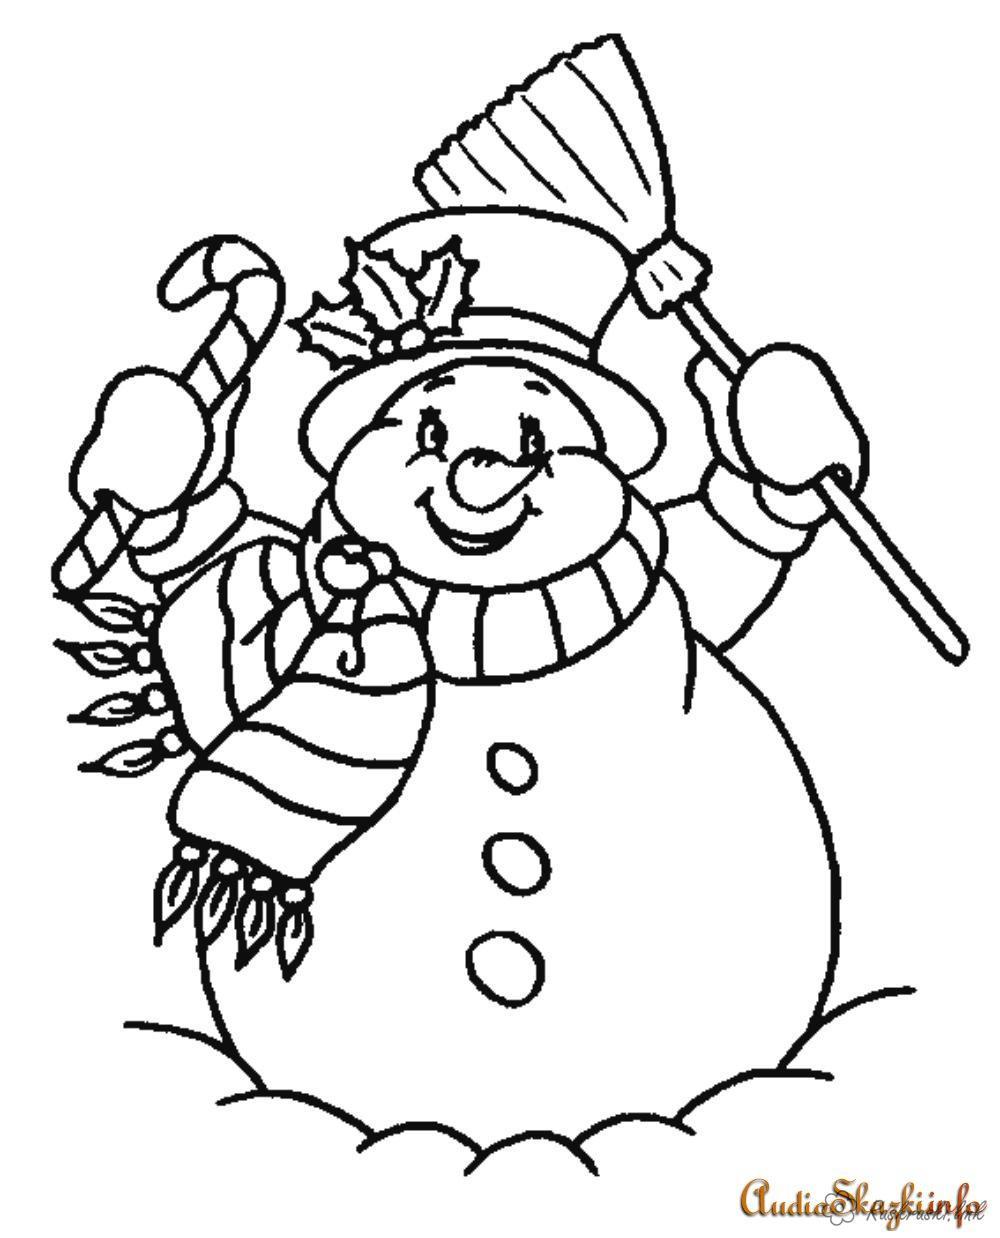 Розмальовки сніговик розмальовки дітям, чорно-білі картинки, новий рік, свято, зима, сніговик, мітла, волоть